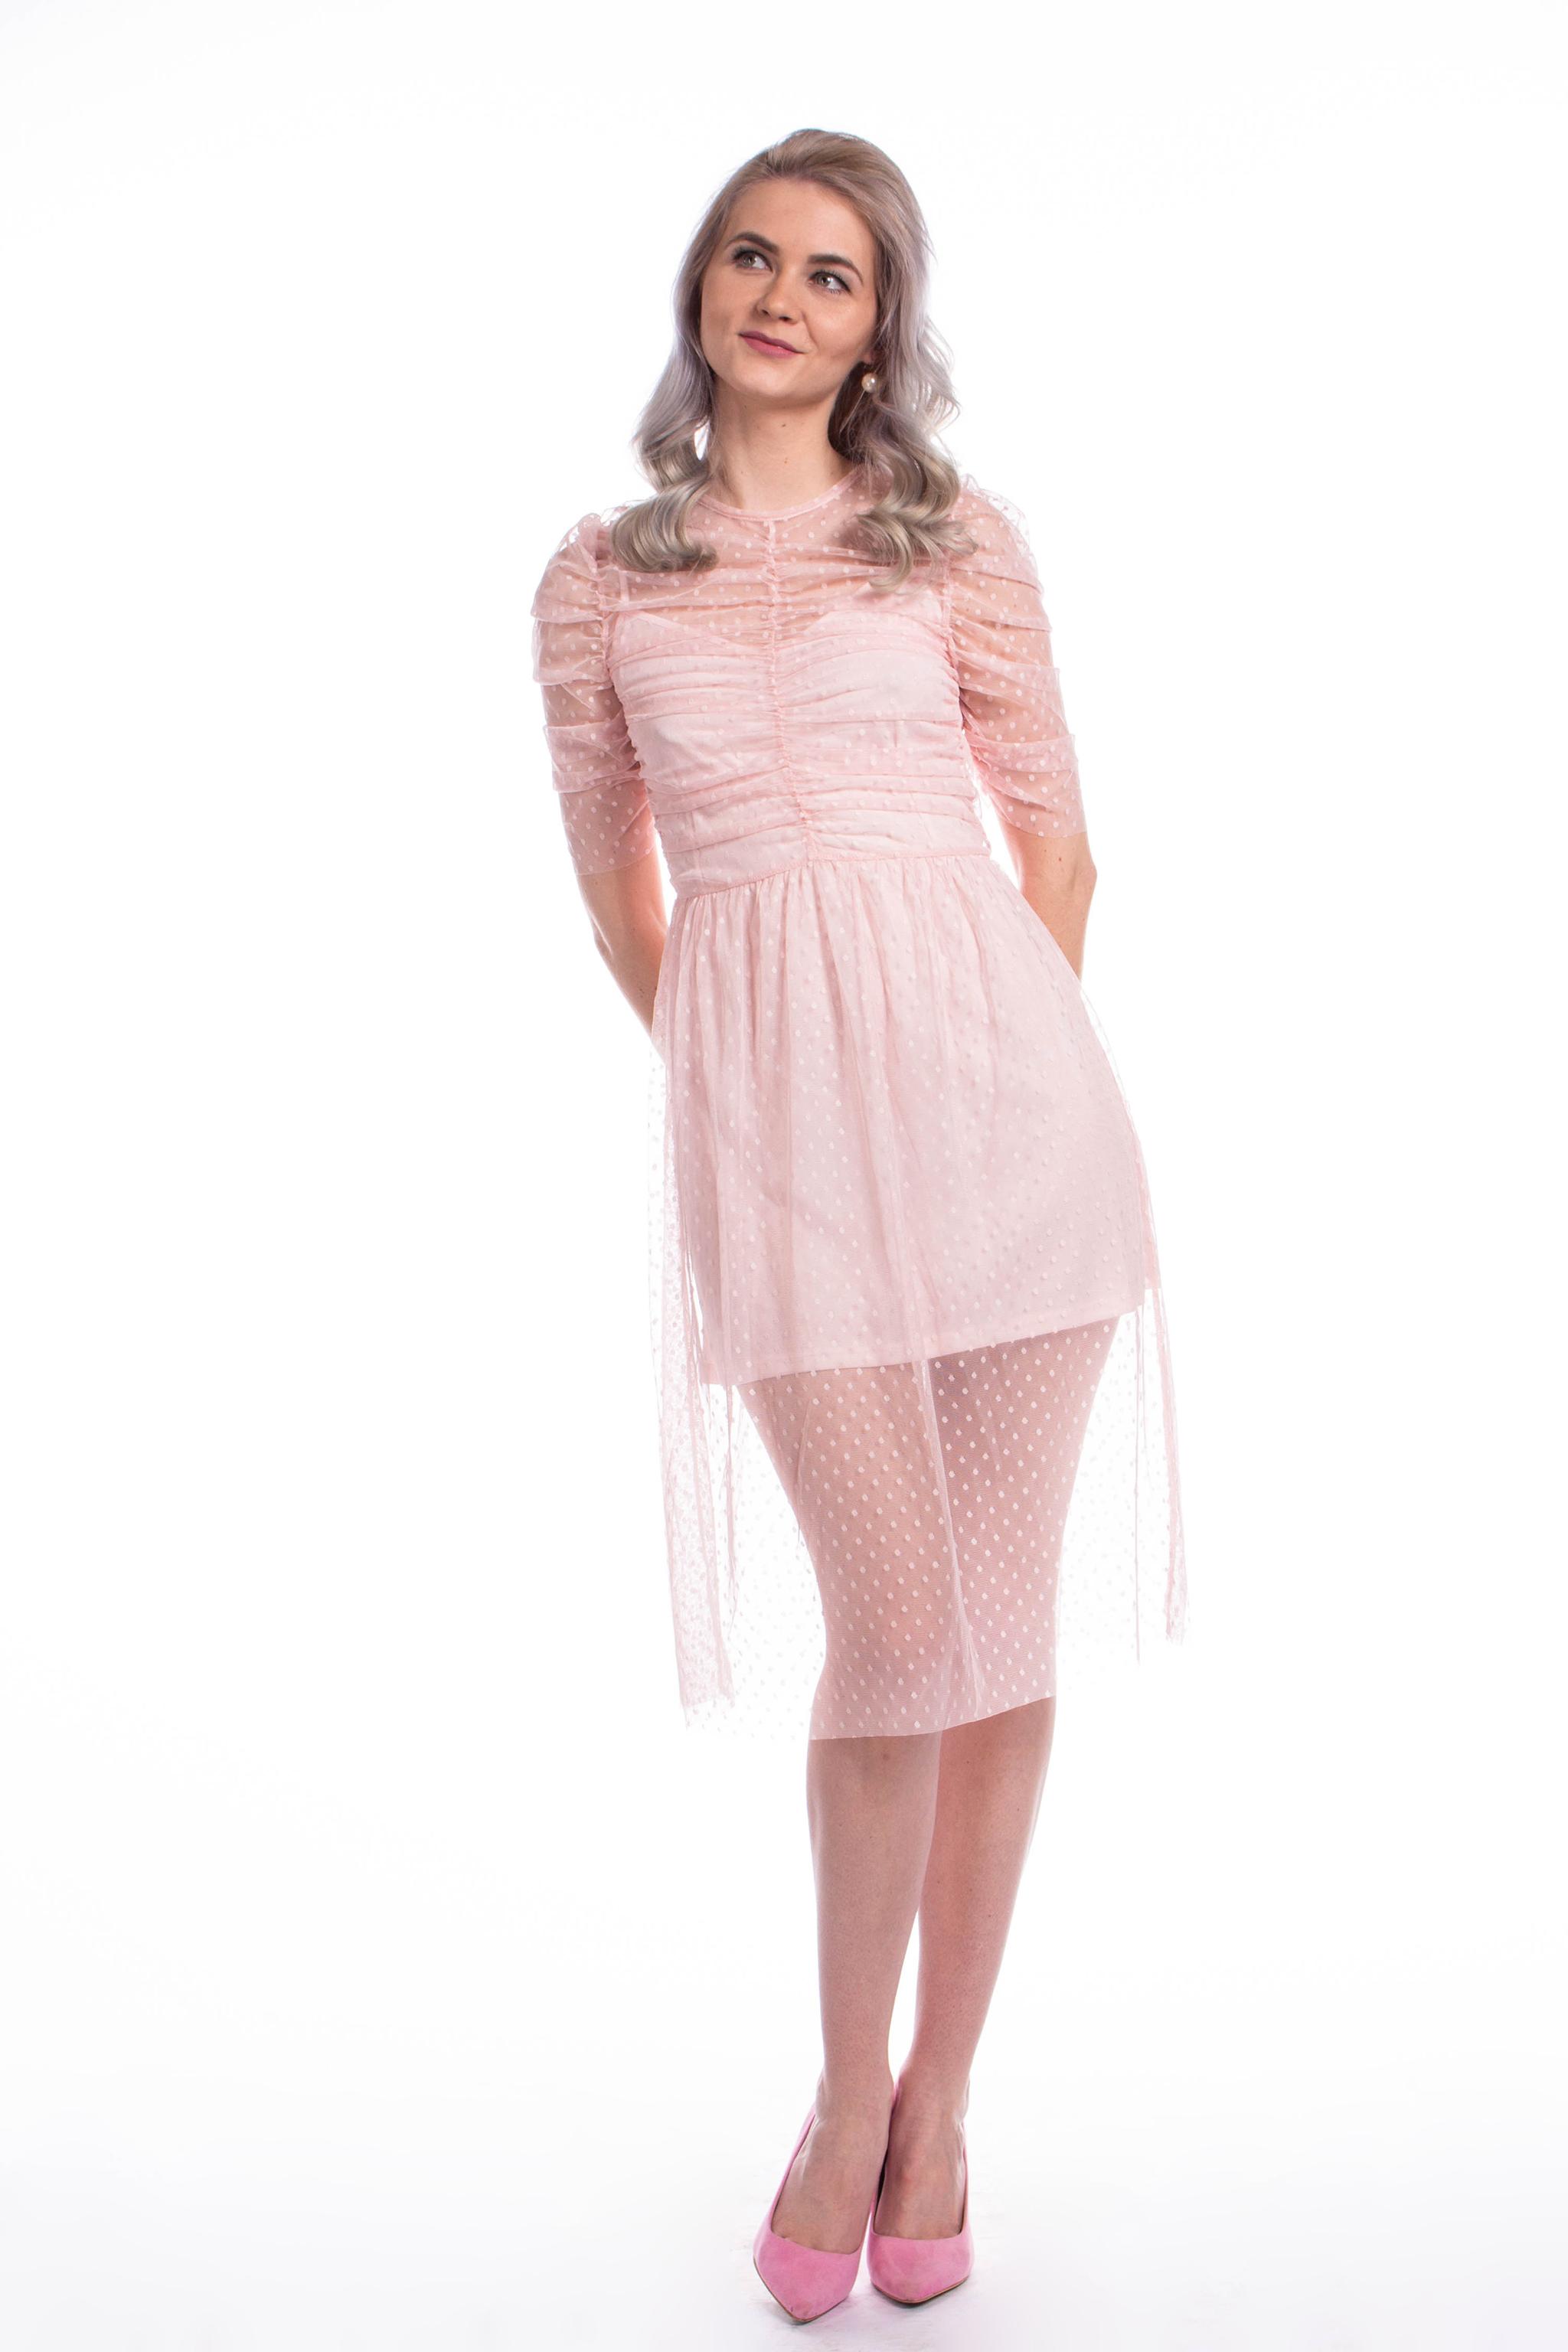 obrázok 4 ASOS ružové šaty 72707d12164